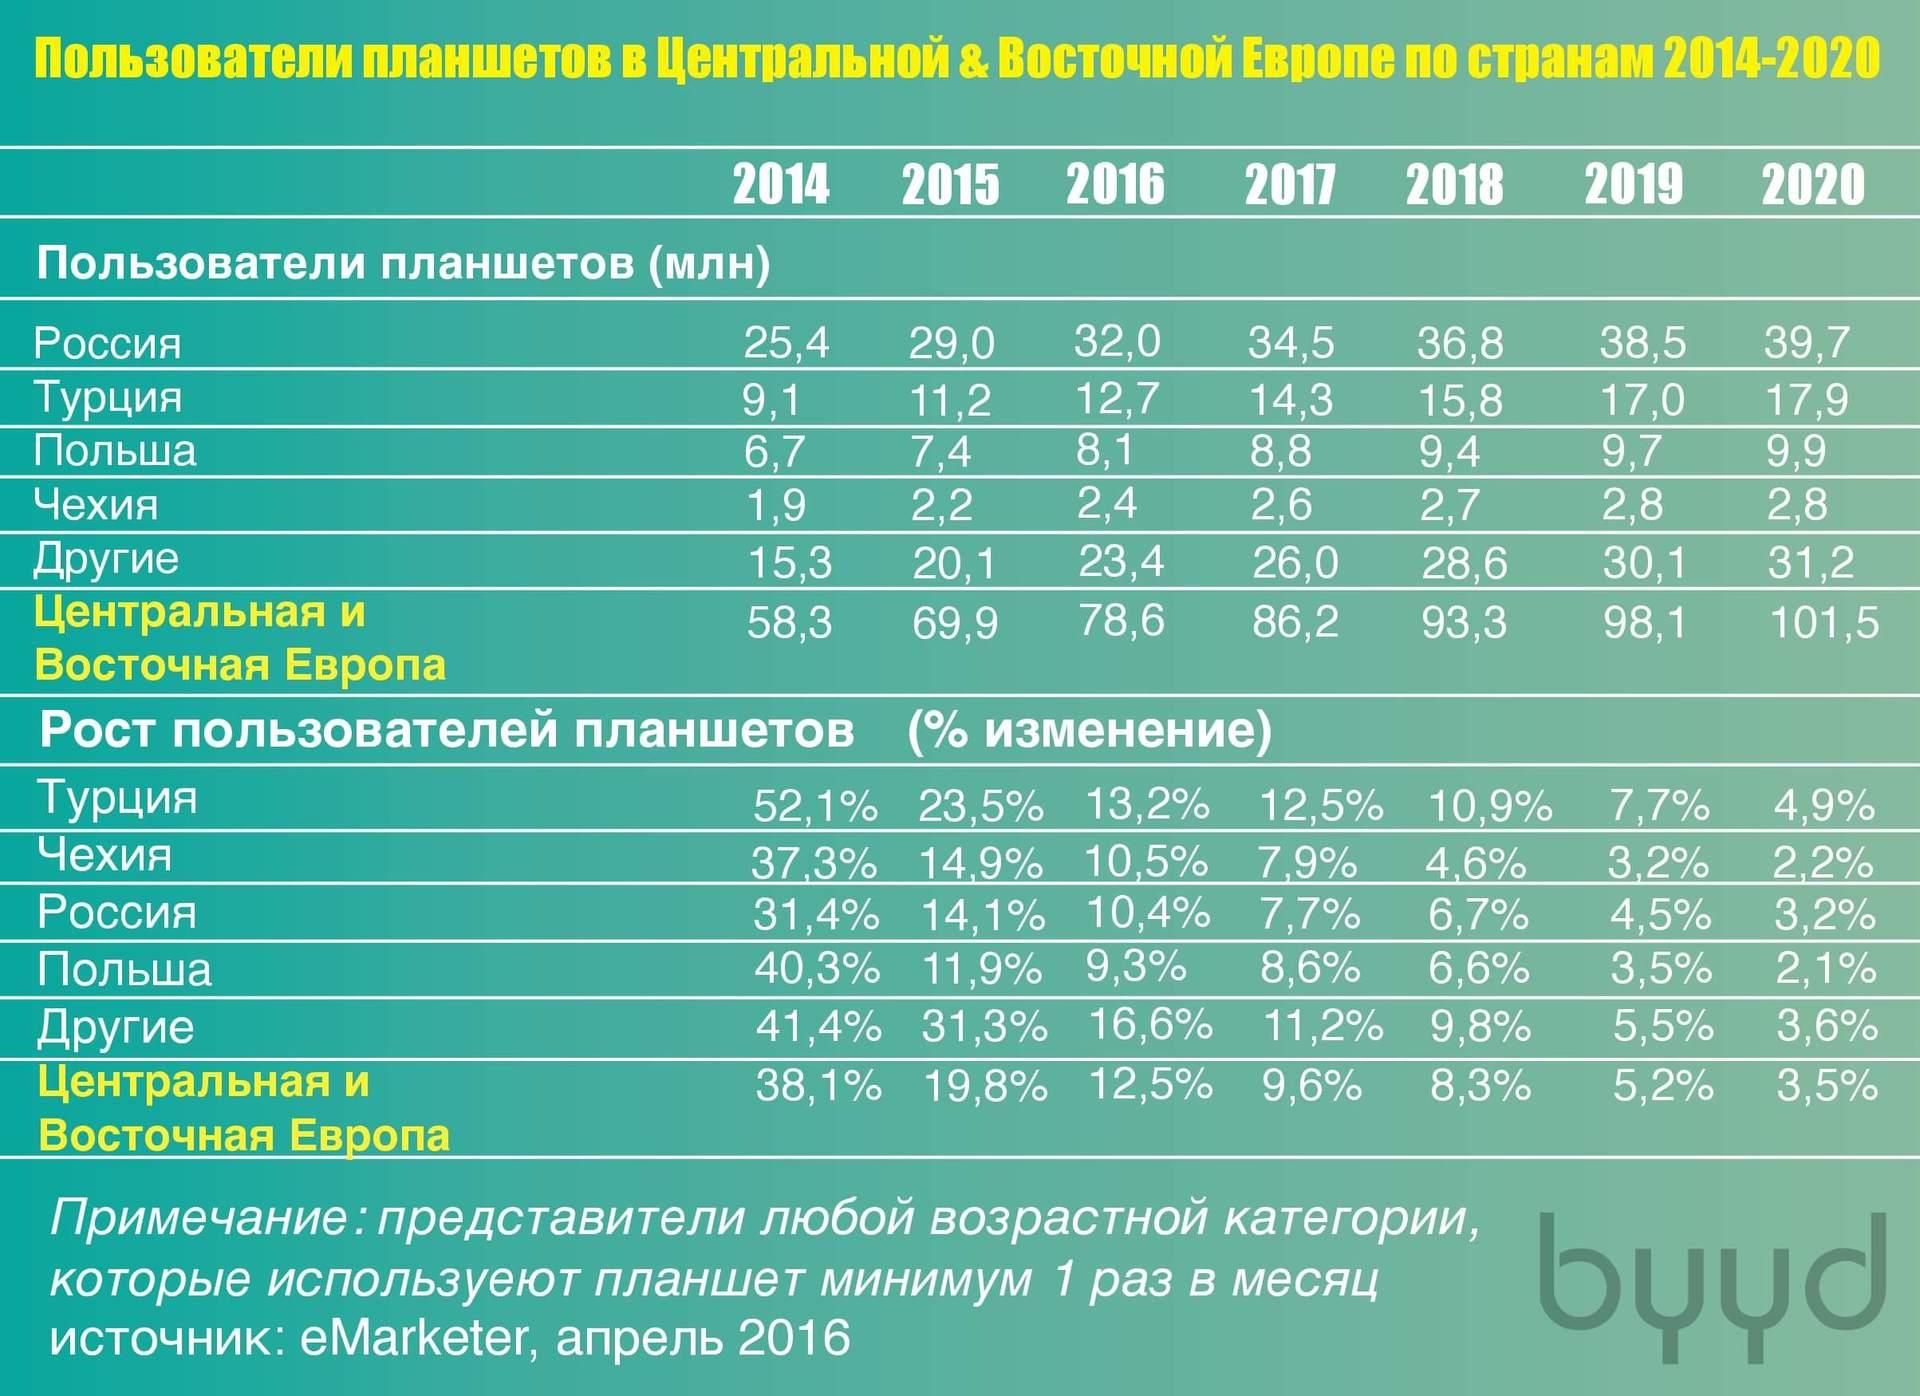 Пик планшетов в Восточной Европе - 2